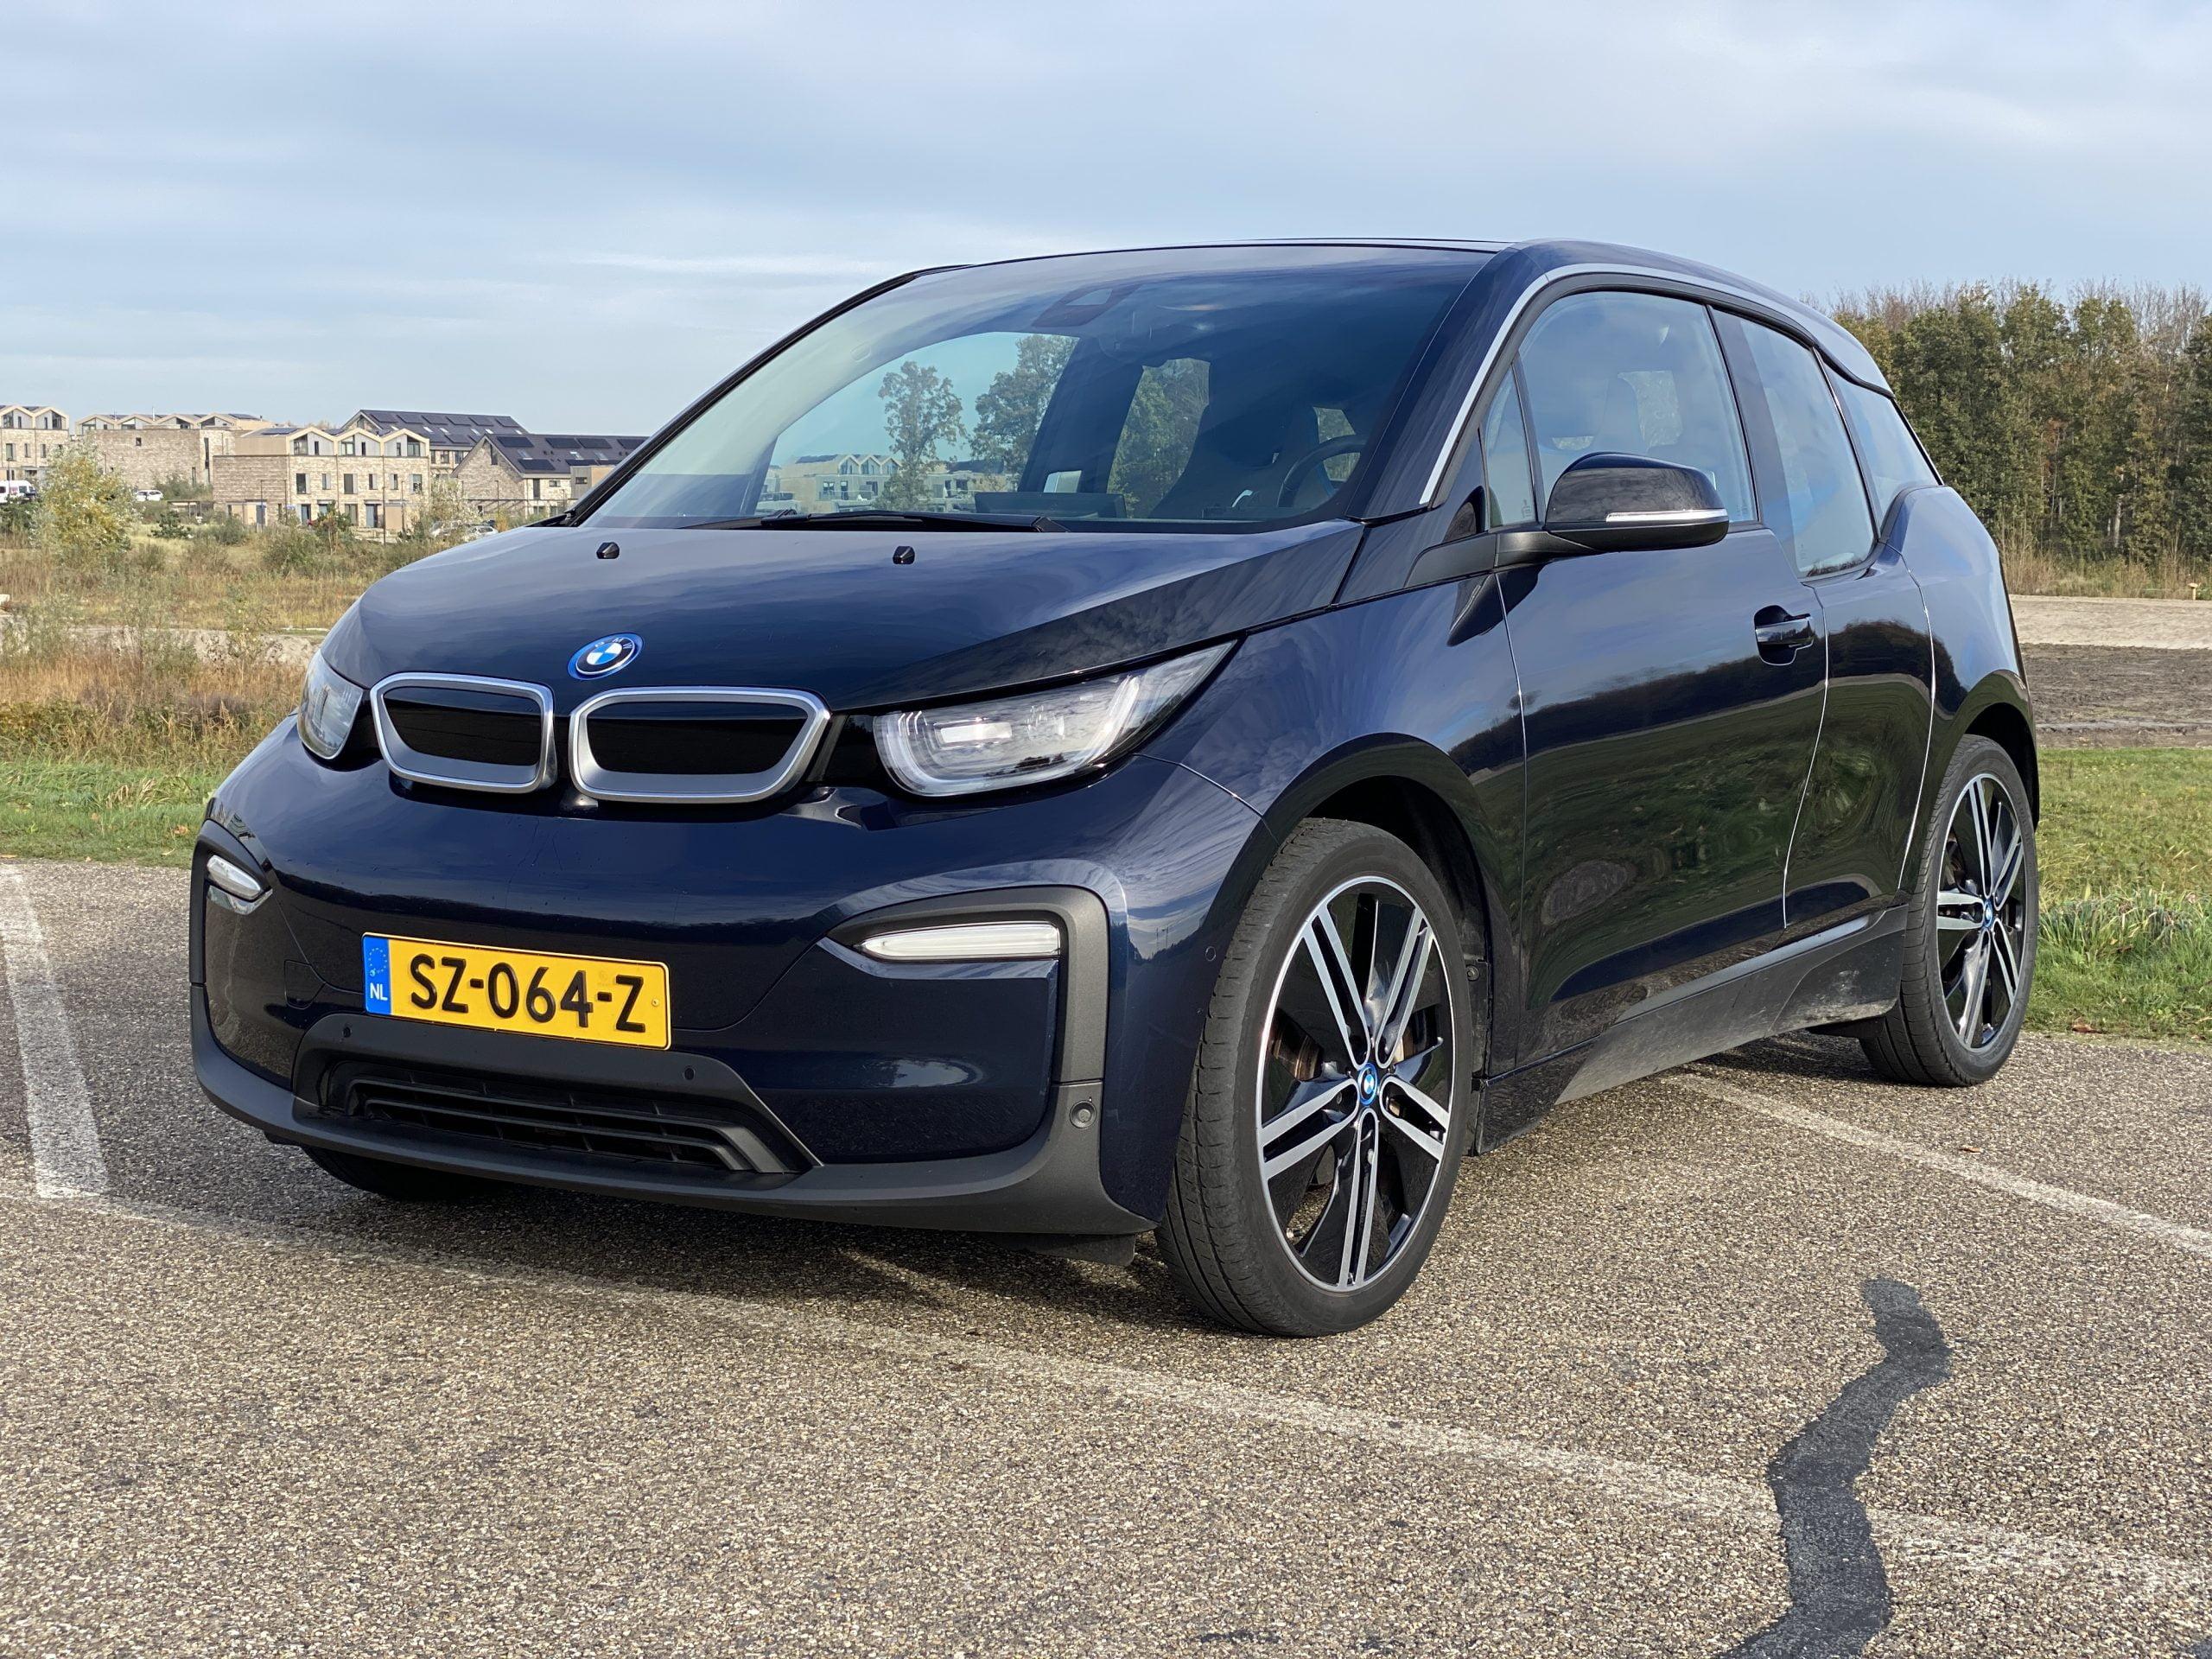 BMW i3 (94Ah) iPerformance 125kW/170pk 5d. (Overnamebonus + 4% bijtelling over de volledige fiscale waarde!)